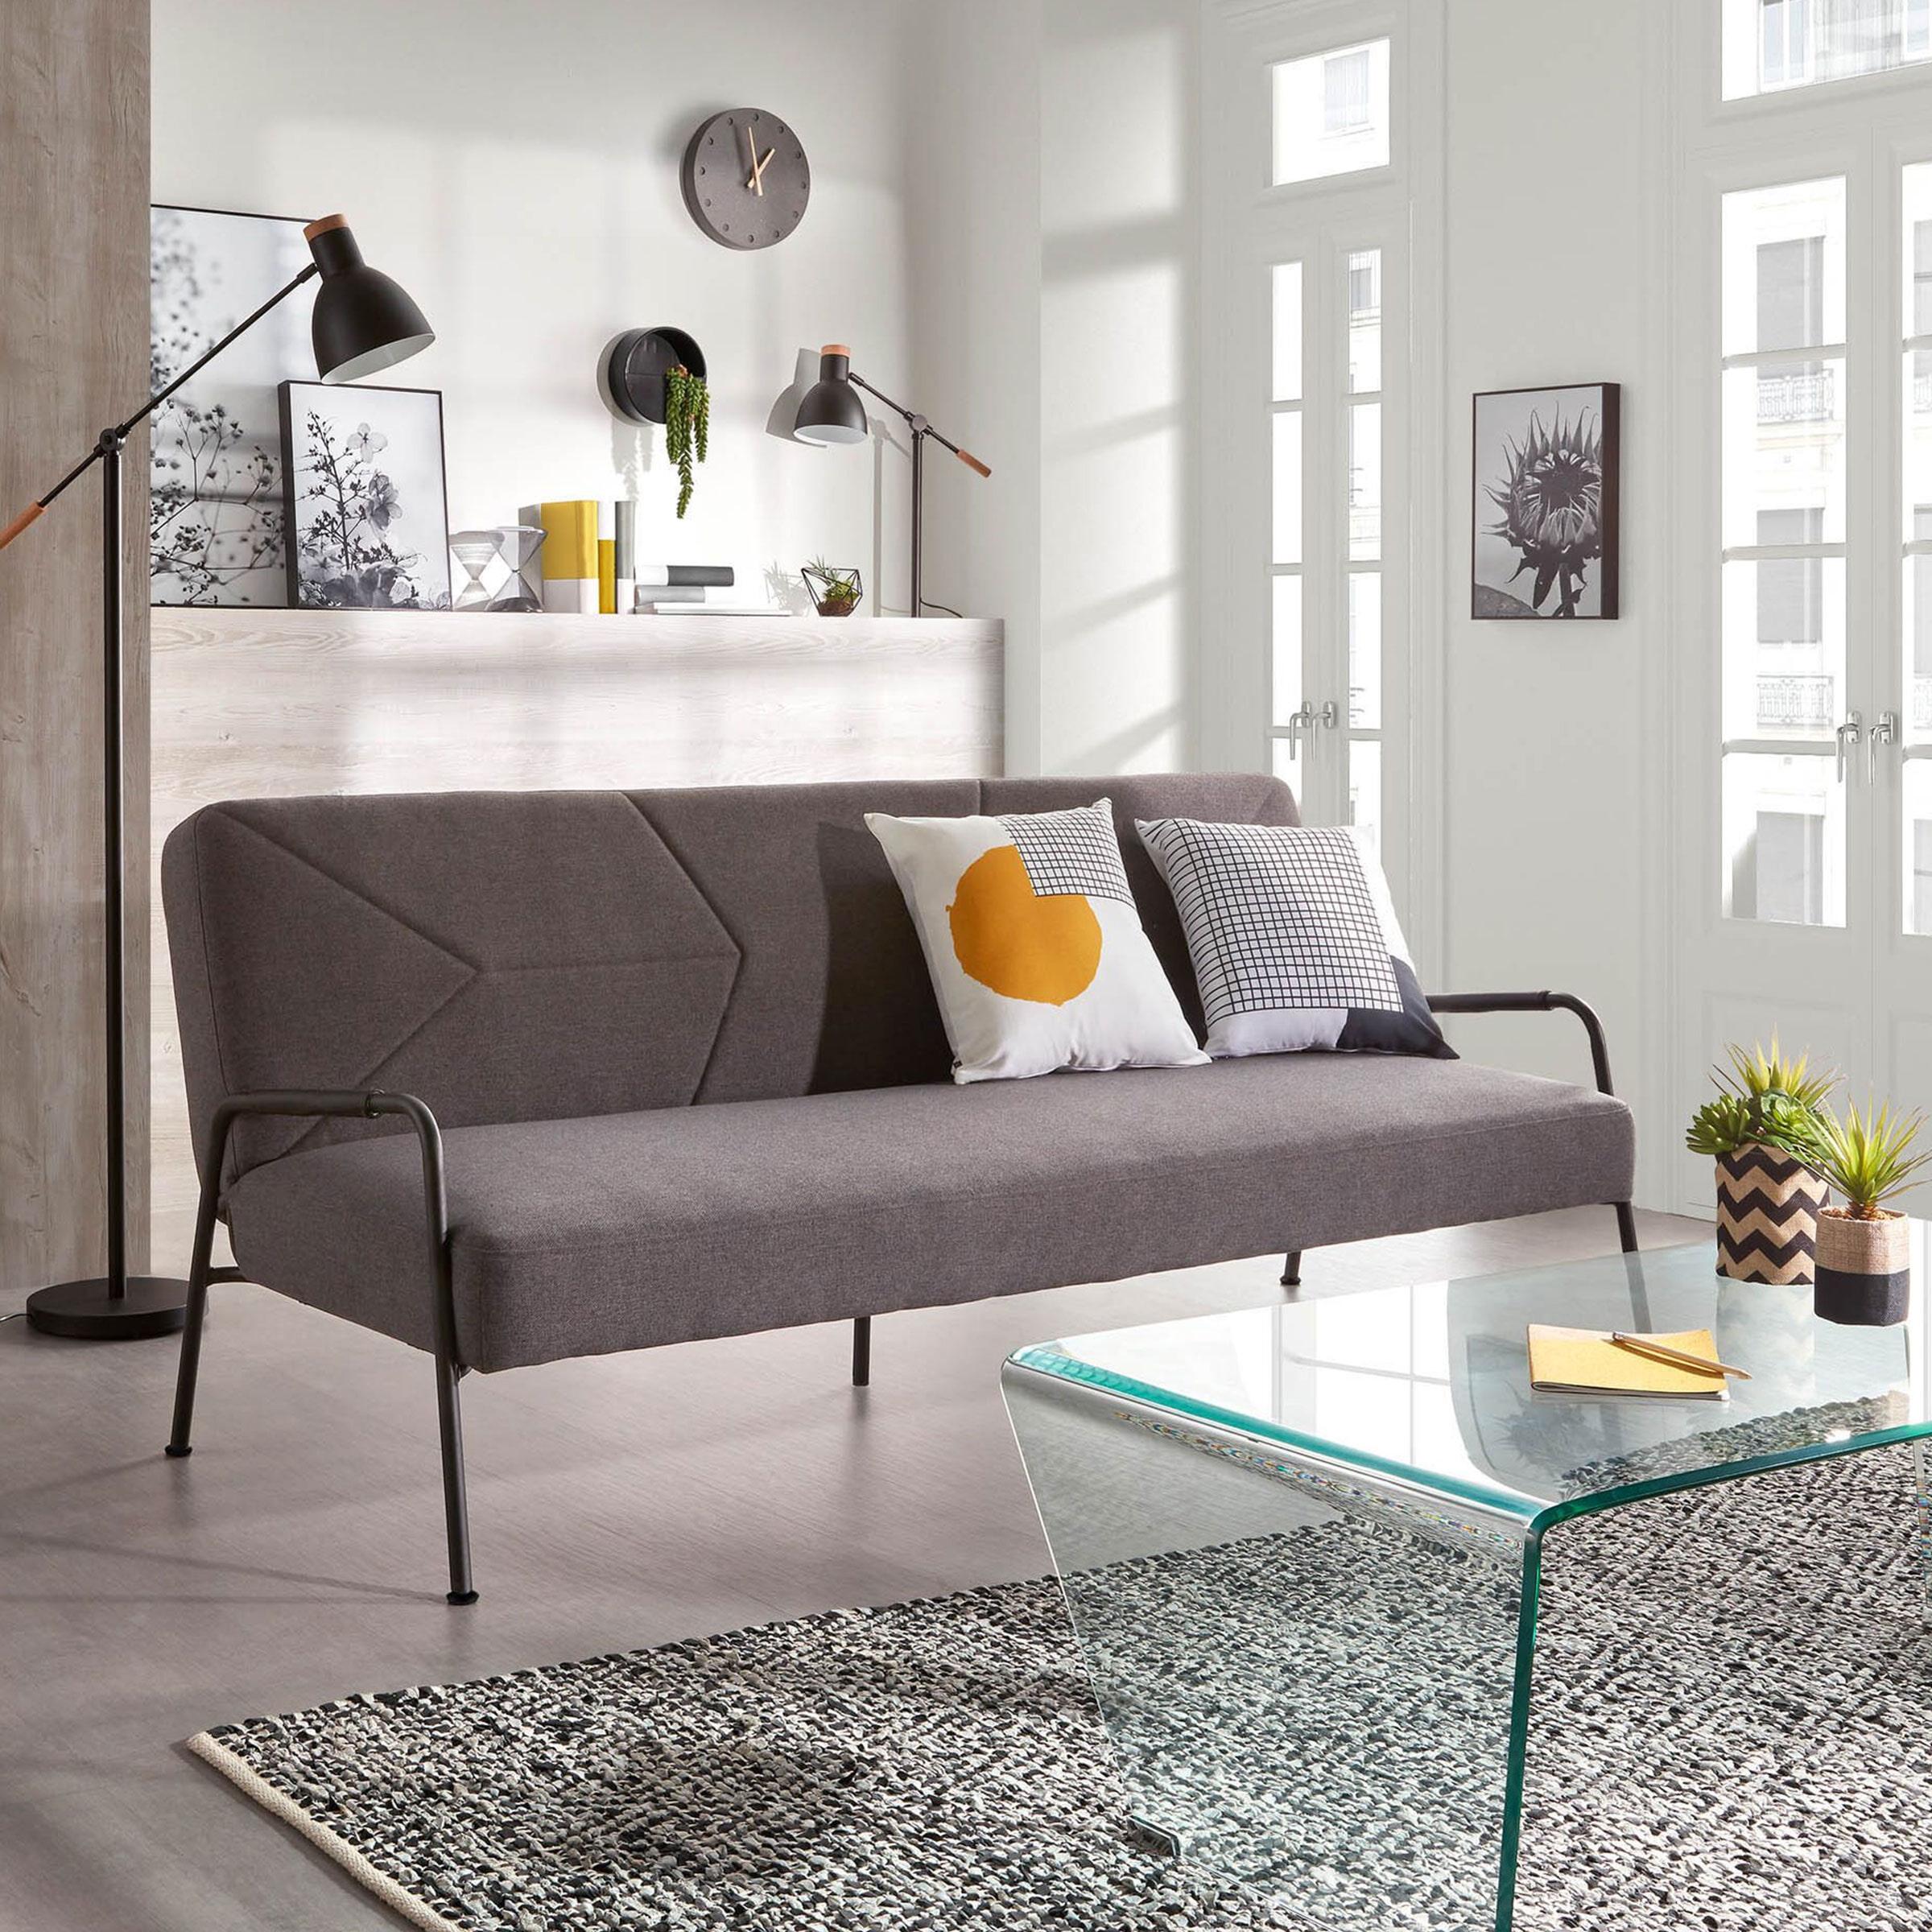 Op Design & Trends: Alles voor de inrichting van uw woning is alles over gadgets te vinden: waaronder meubelpartner en specifiek Kave Home Slaapbank Neiela, kleur Donkergrijs